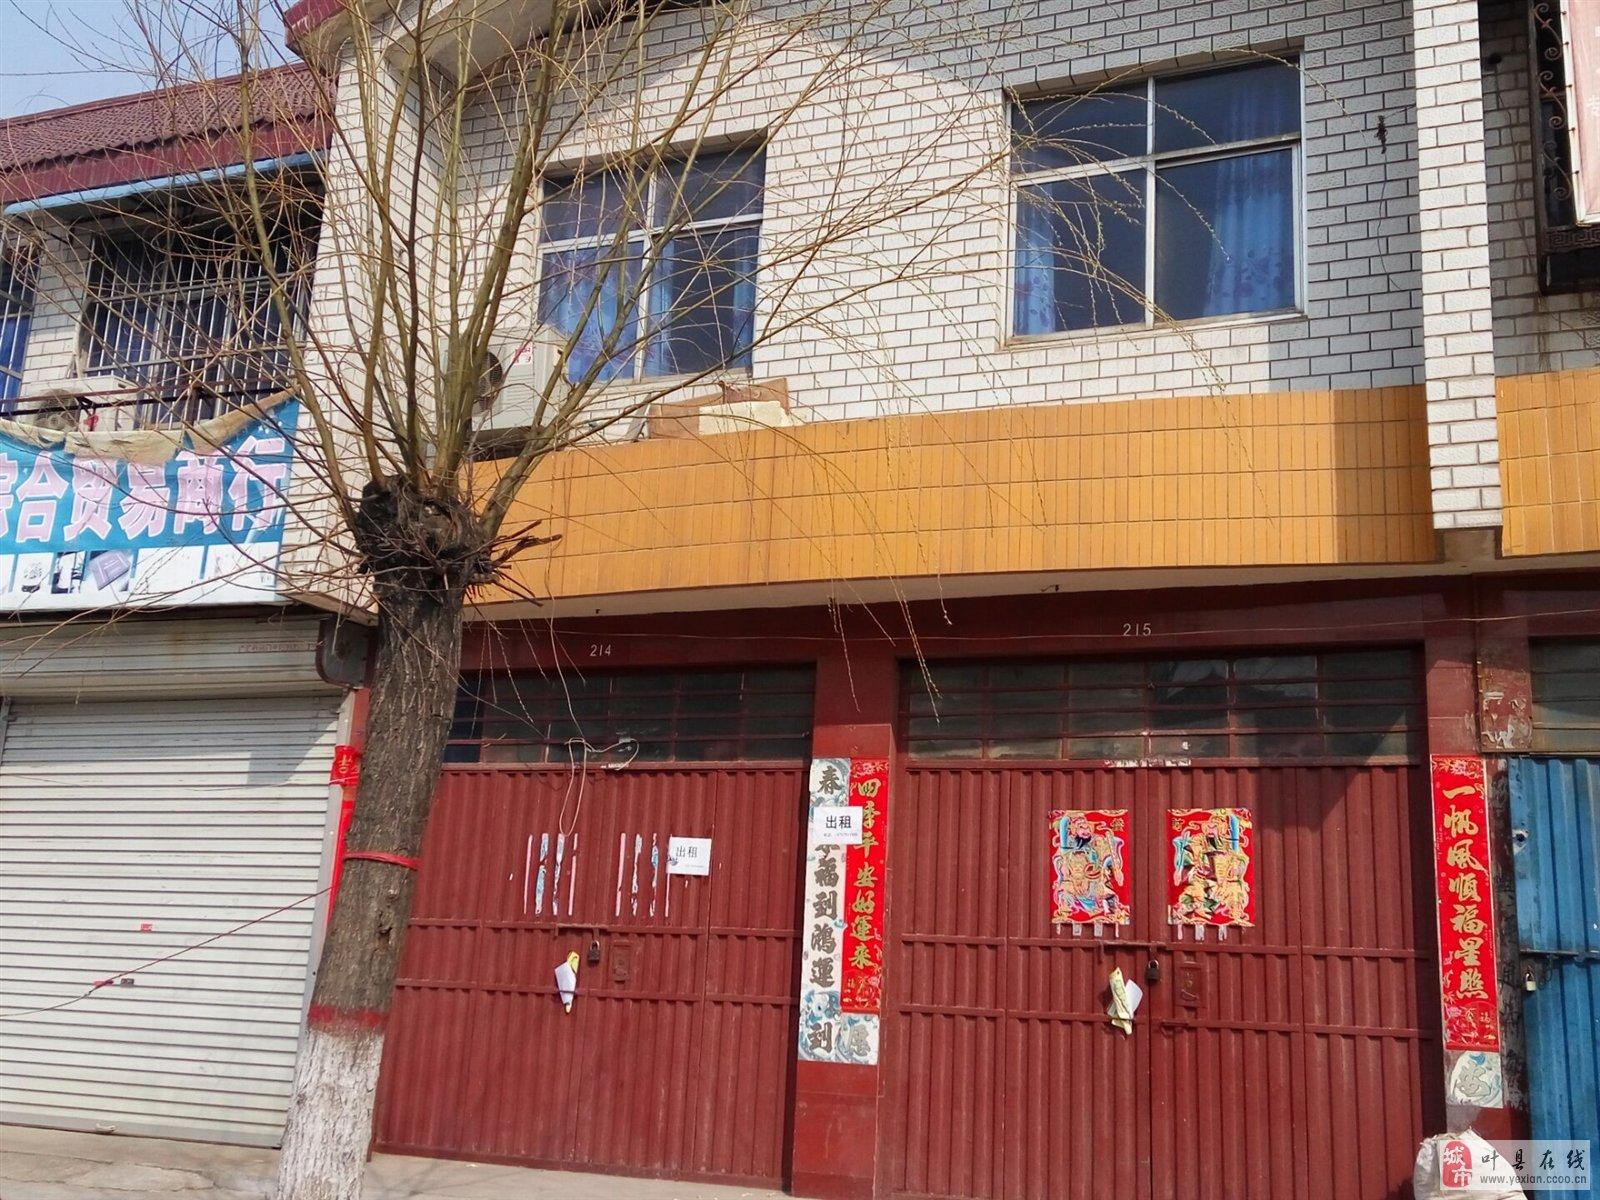 商业街与广场东街交叉口向东30米路北房屋出租-叶县网图片